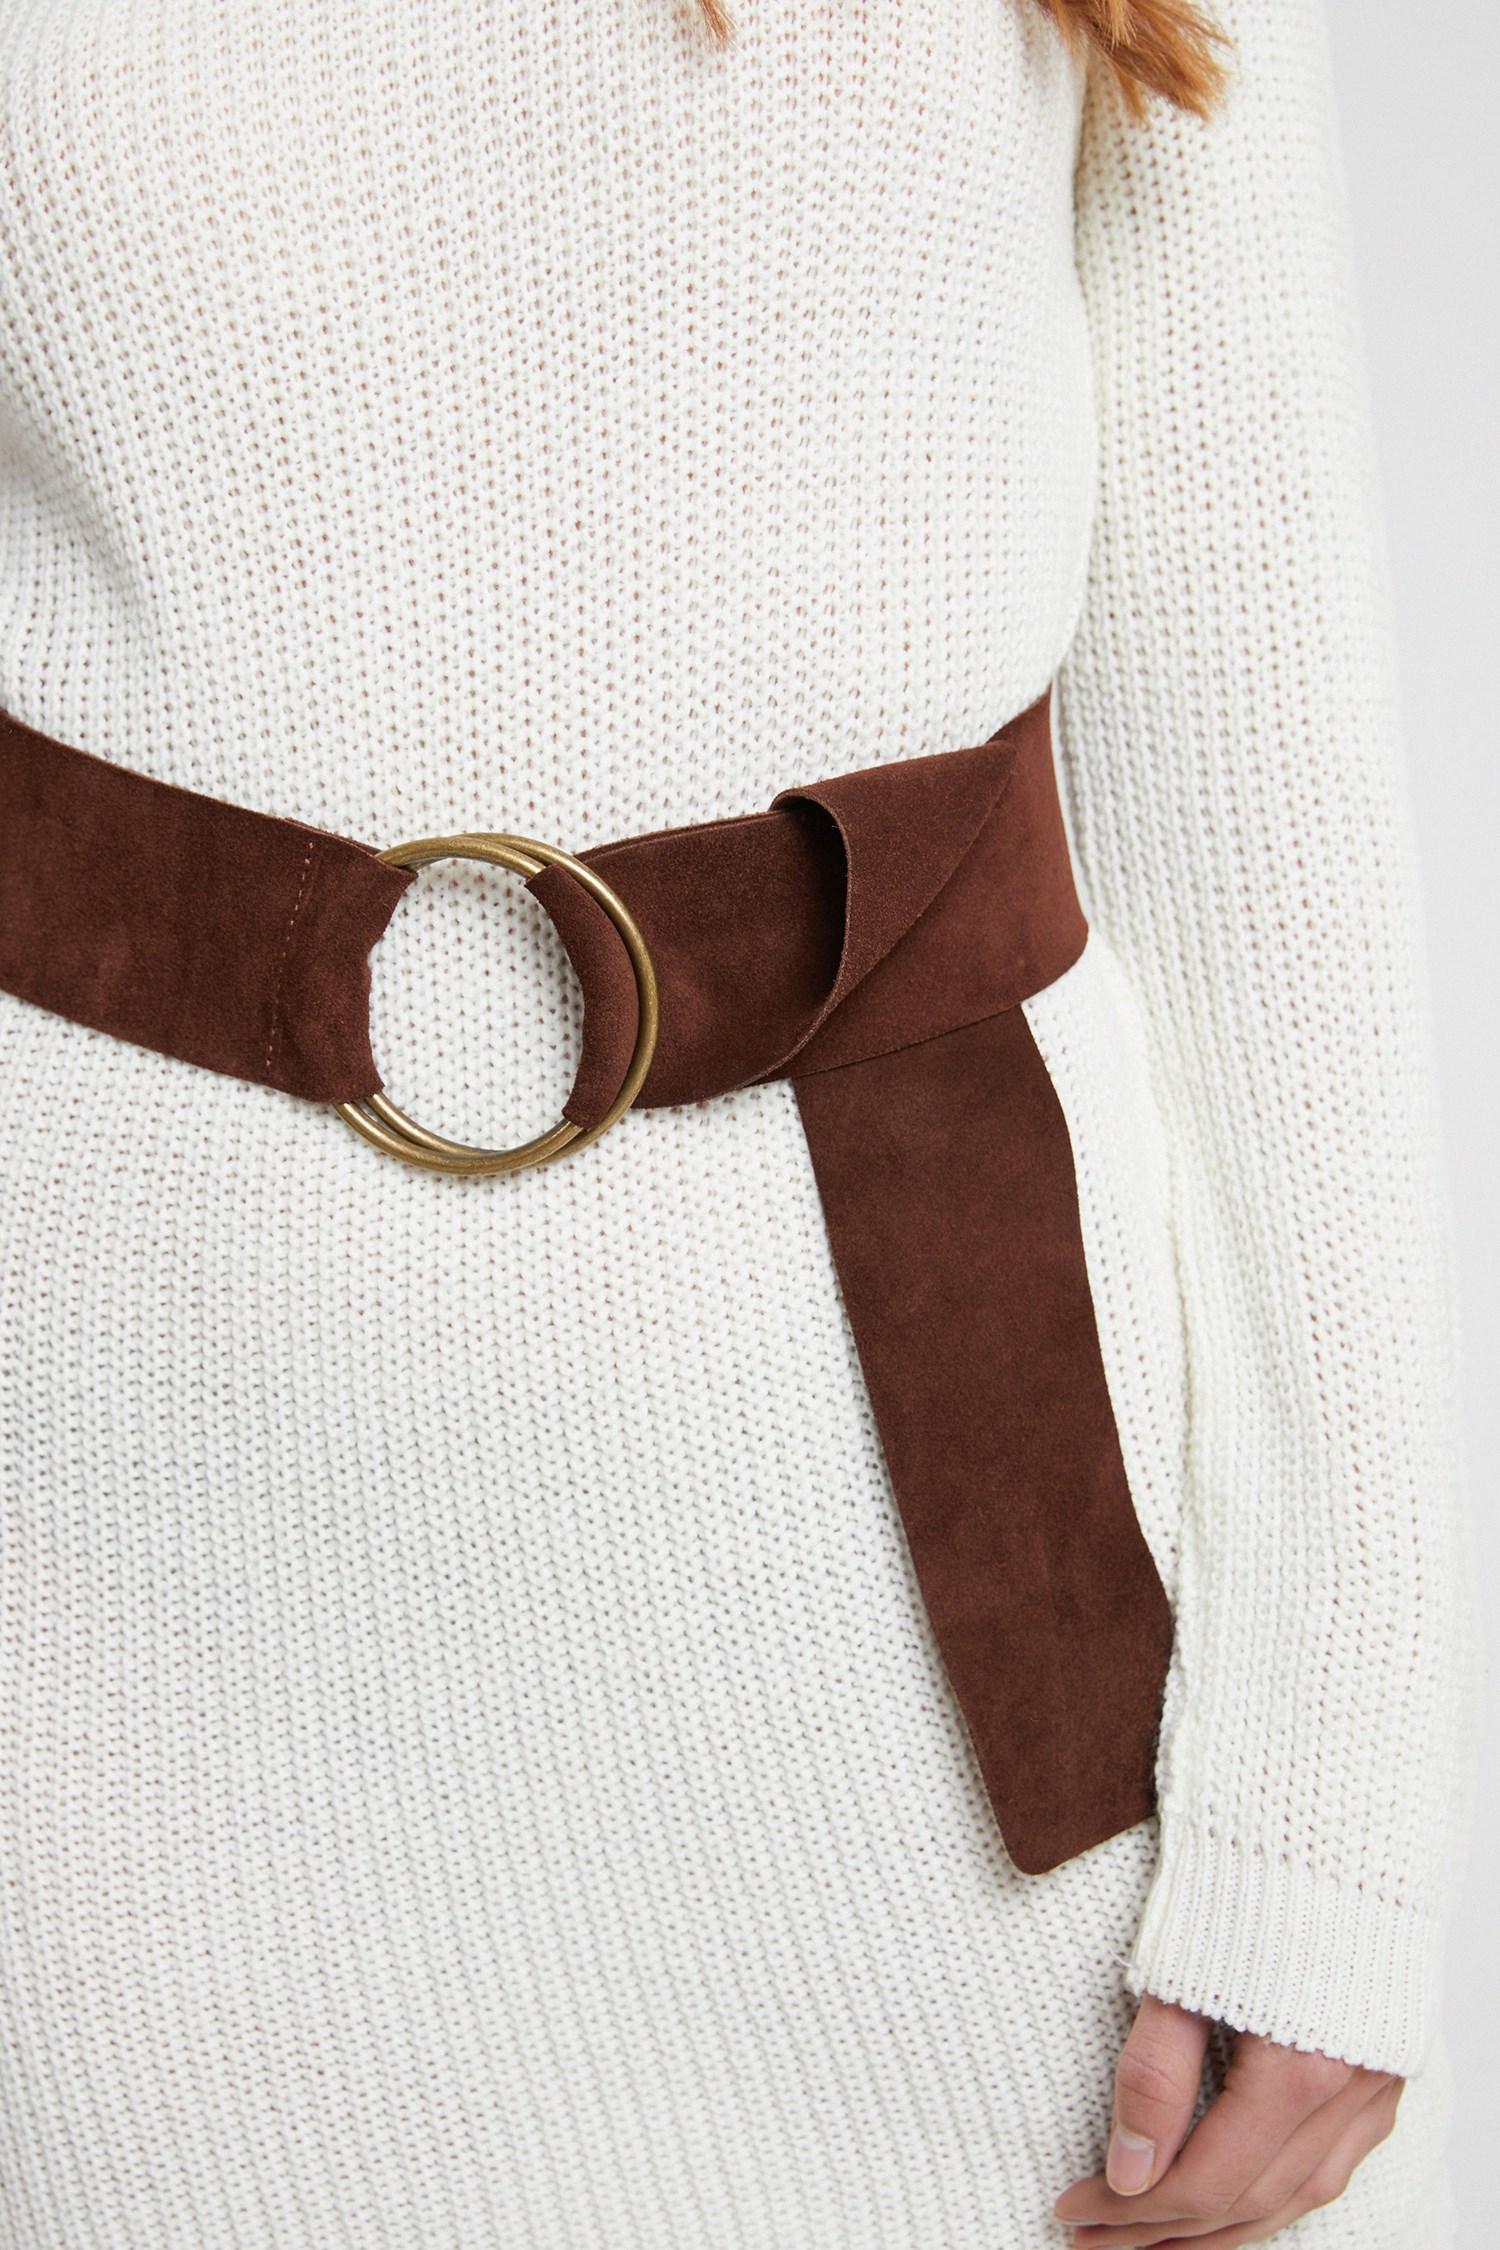 Women Brown Suede Belt with Buckle